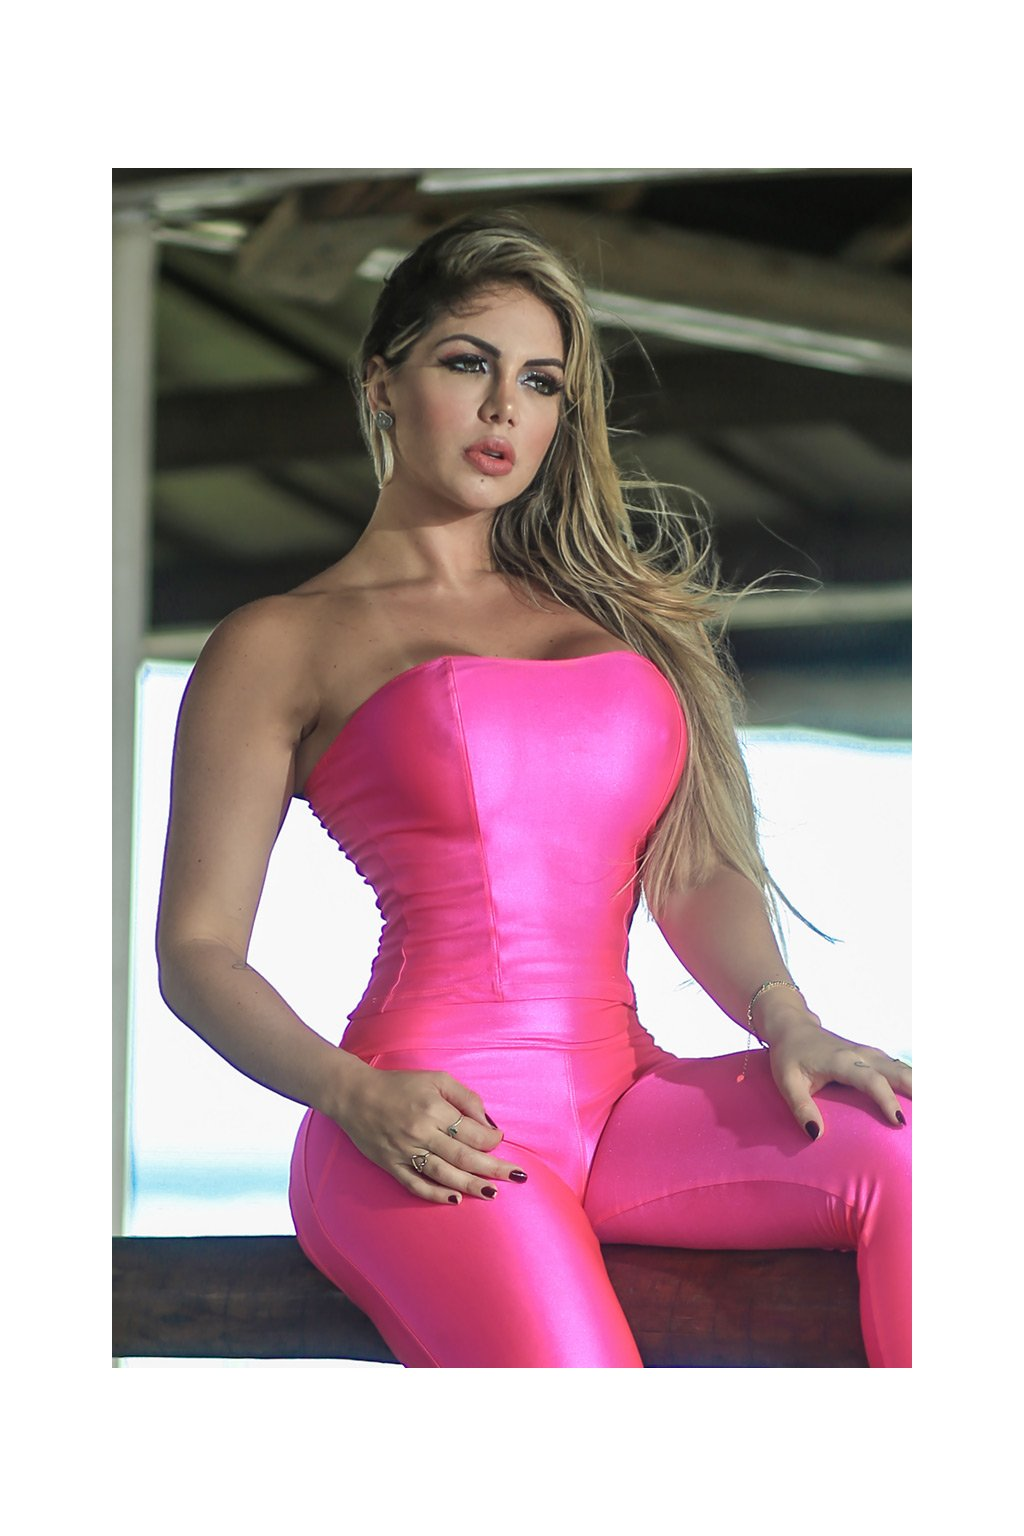 blusa feminina euphoria pink 83600 800x1200